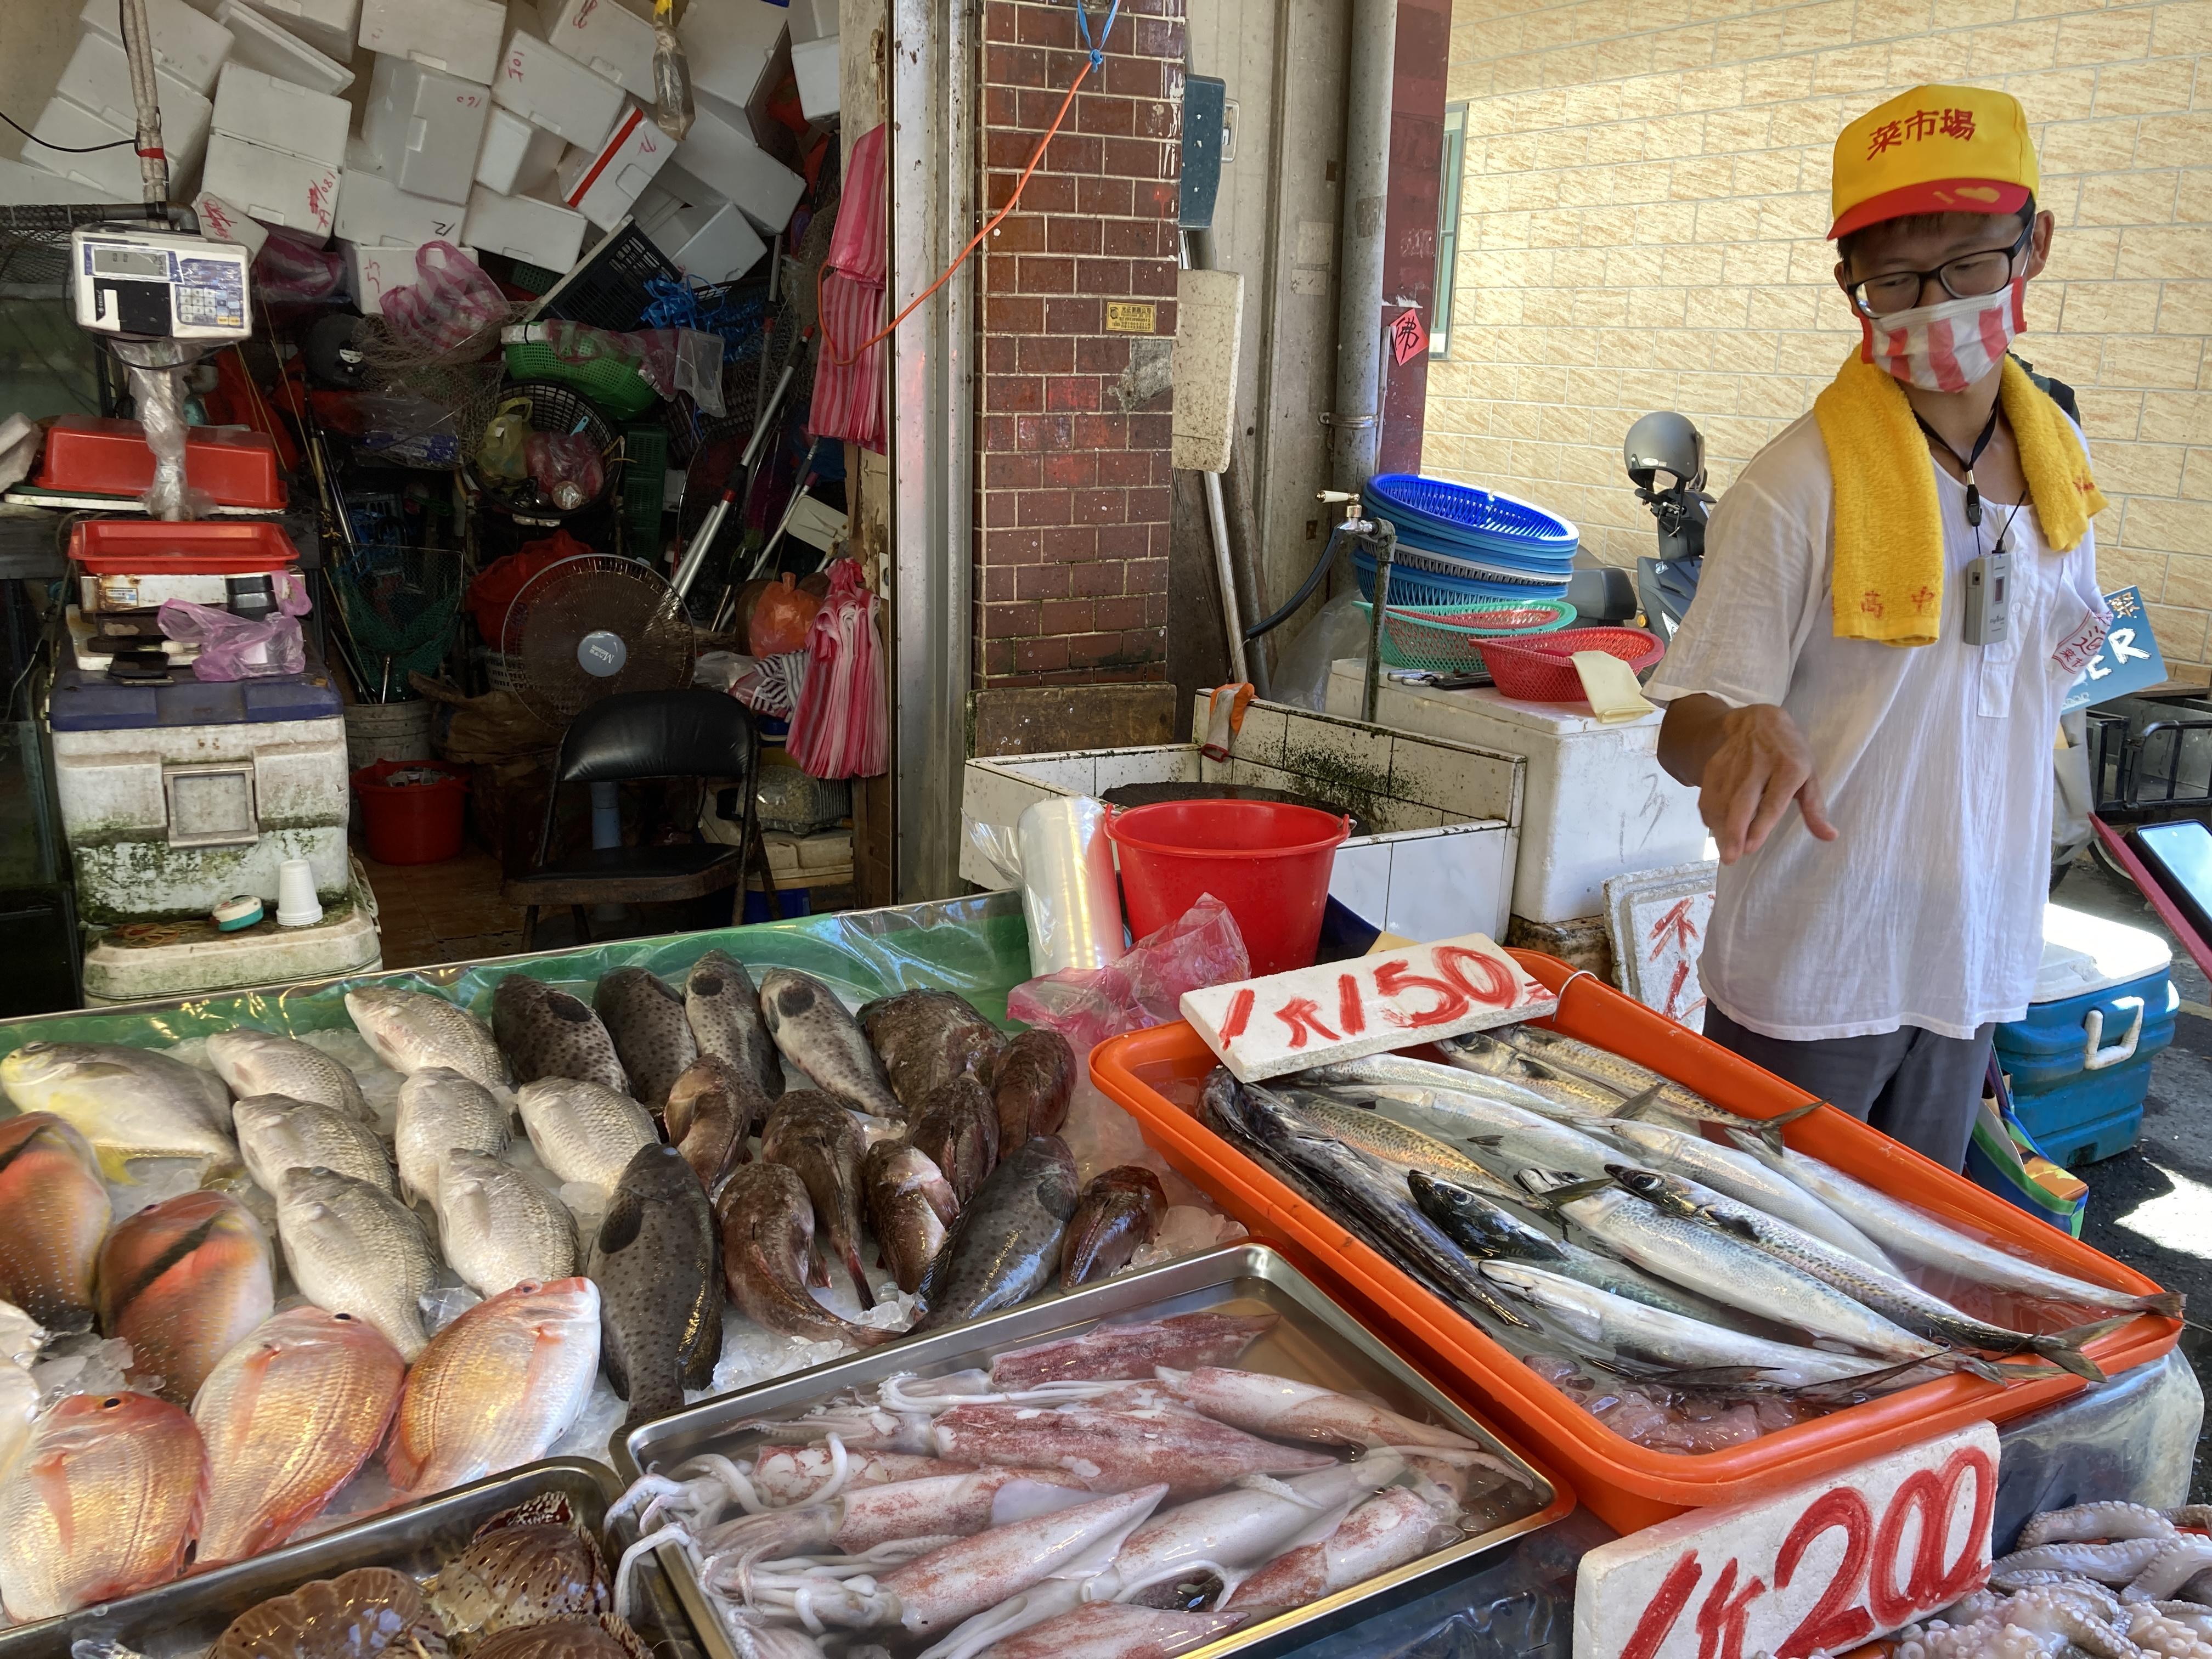 (圖三:子維為我們導覽魚販,順帶說了很多關於海洋的知識/攝影:宗洧)